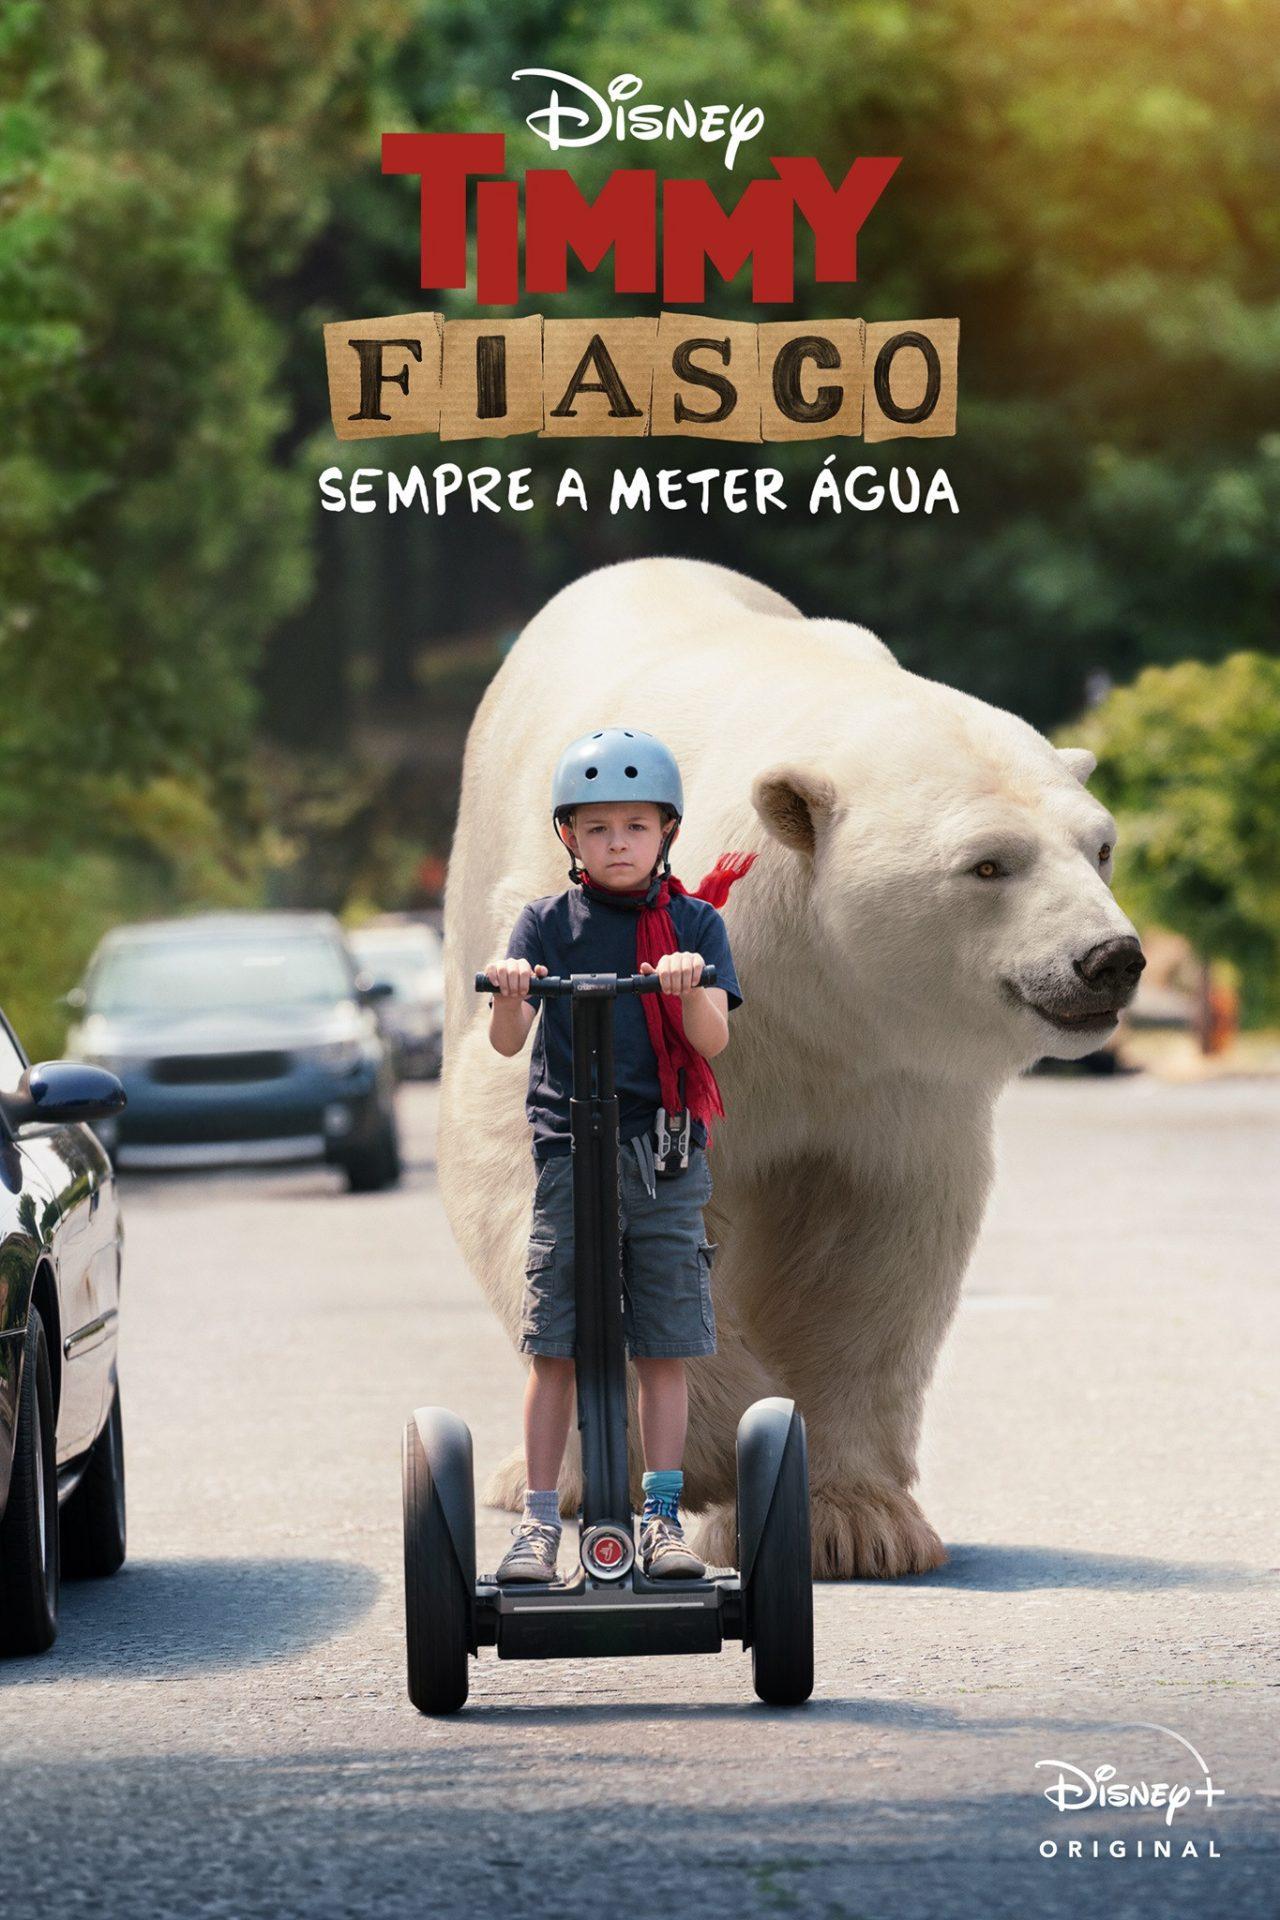 Timmy Fiasco- Um detetive de 11 anos e um urso polar imaginário